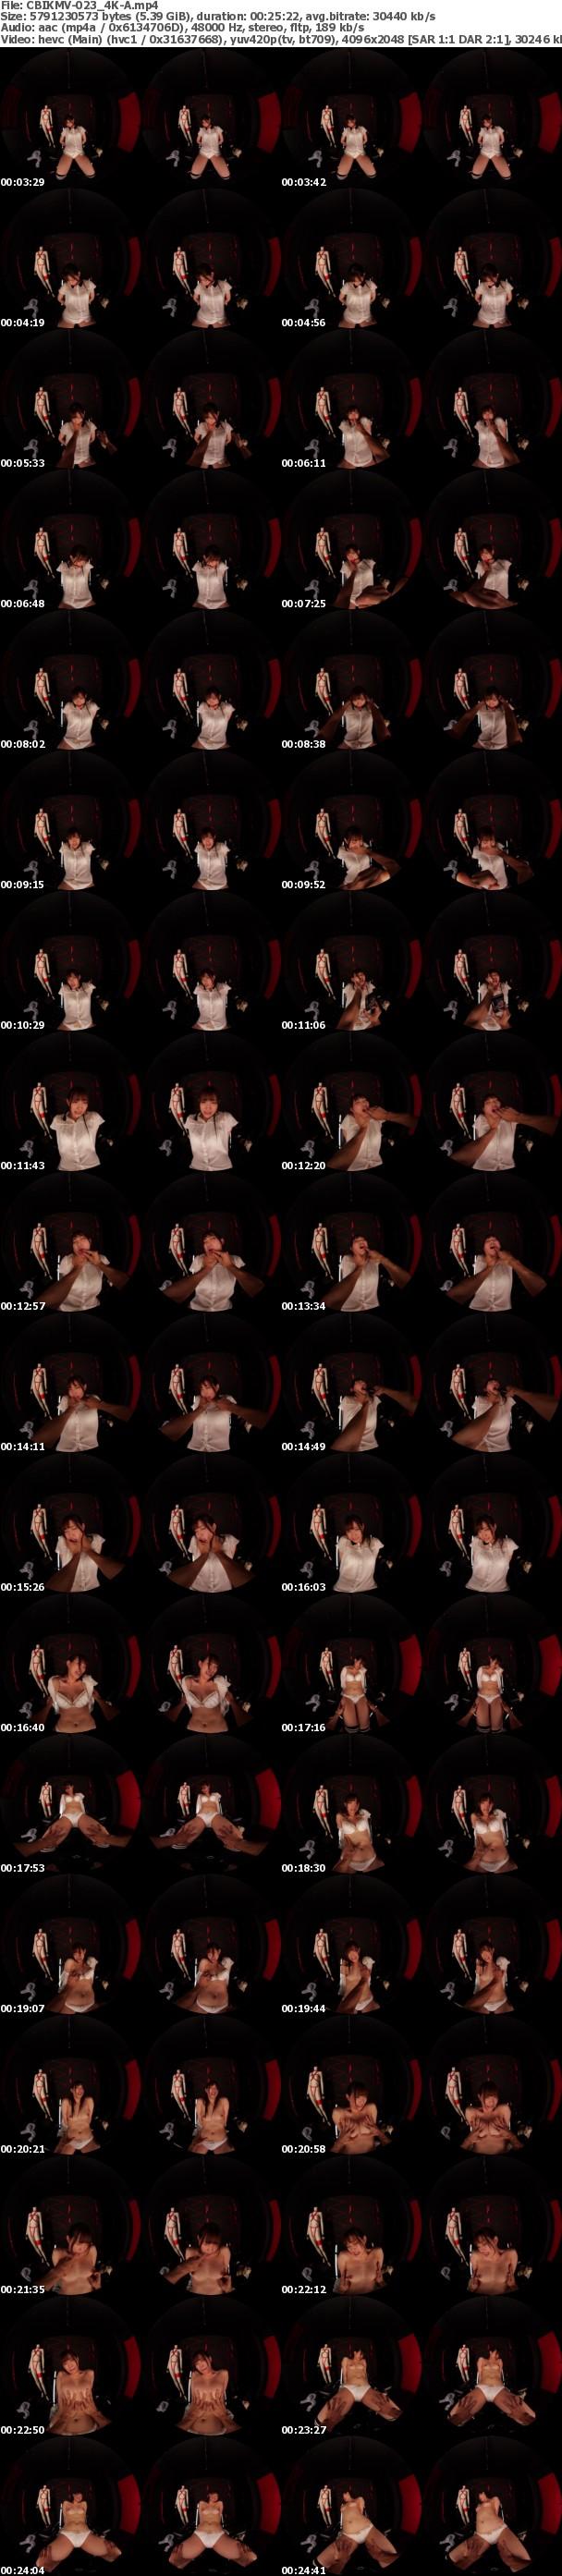 (VR) (4K) CBIKMV-023 絶叫媚薬!!エンドレスファック 監禁漬けでSEX中毒者と化した美人女子大生に執拗な強●生姦 美谷朱里